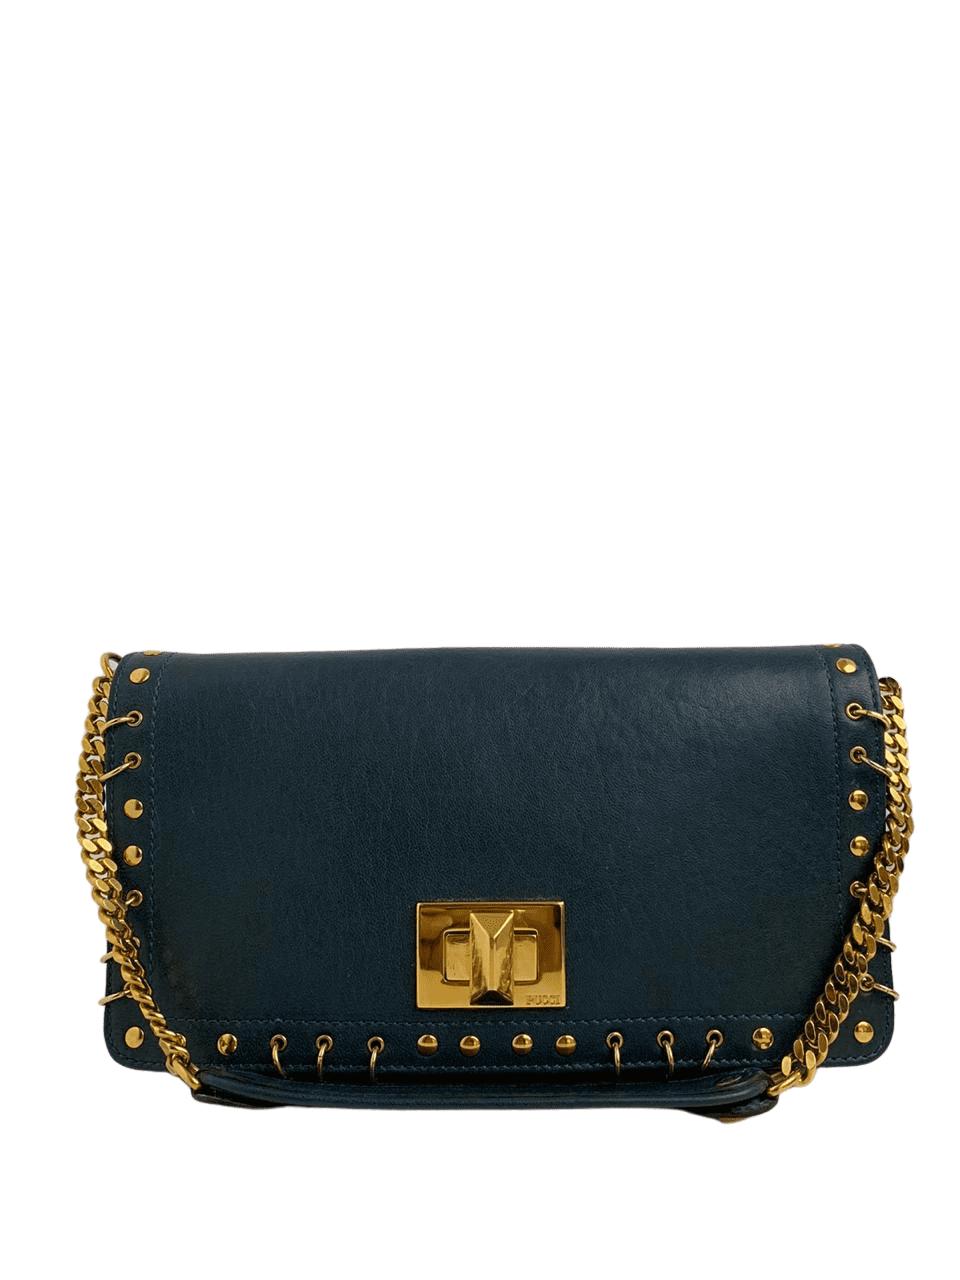 Bolsa Emilio Pucci Azul Escuro